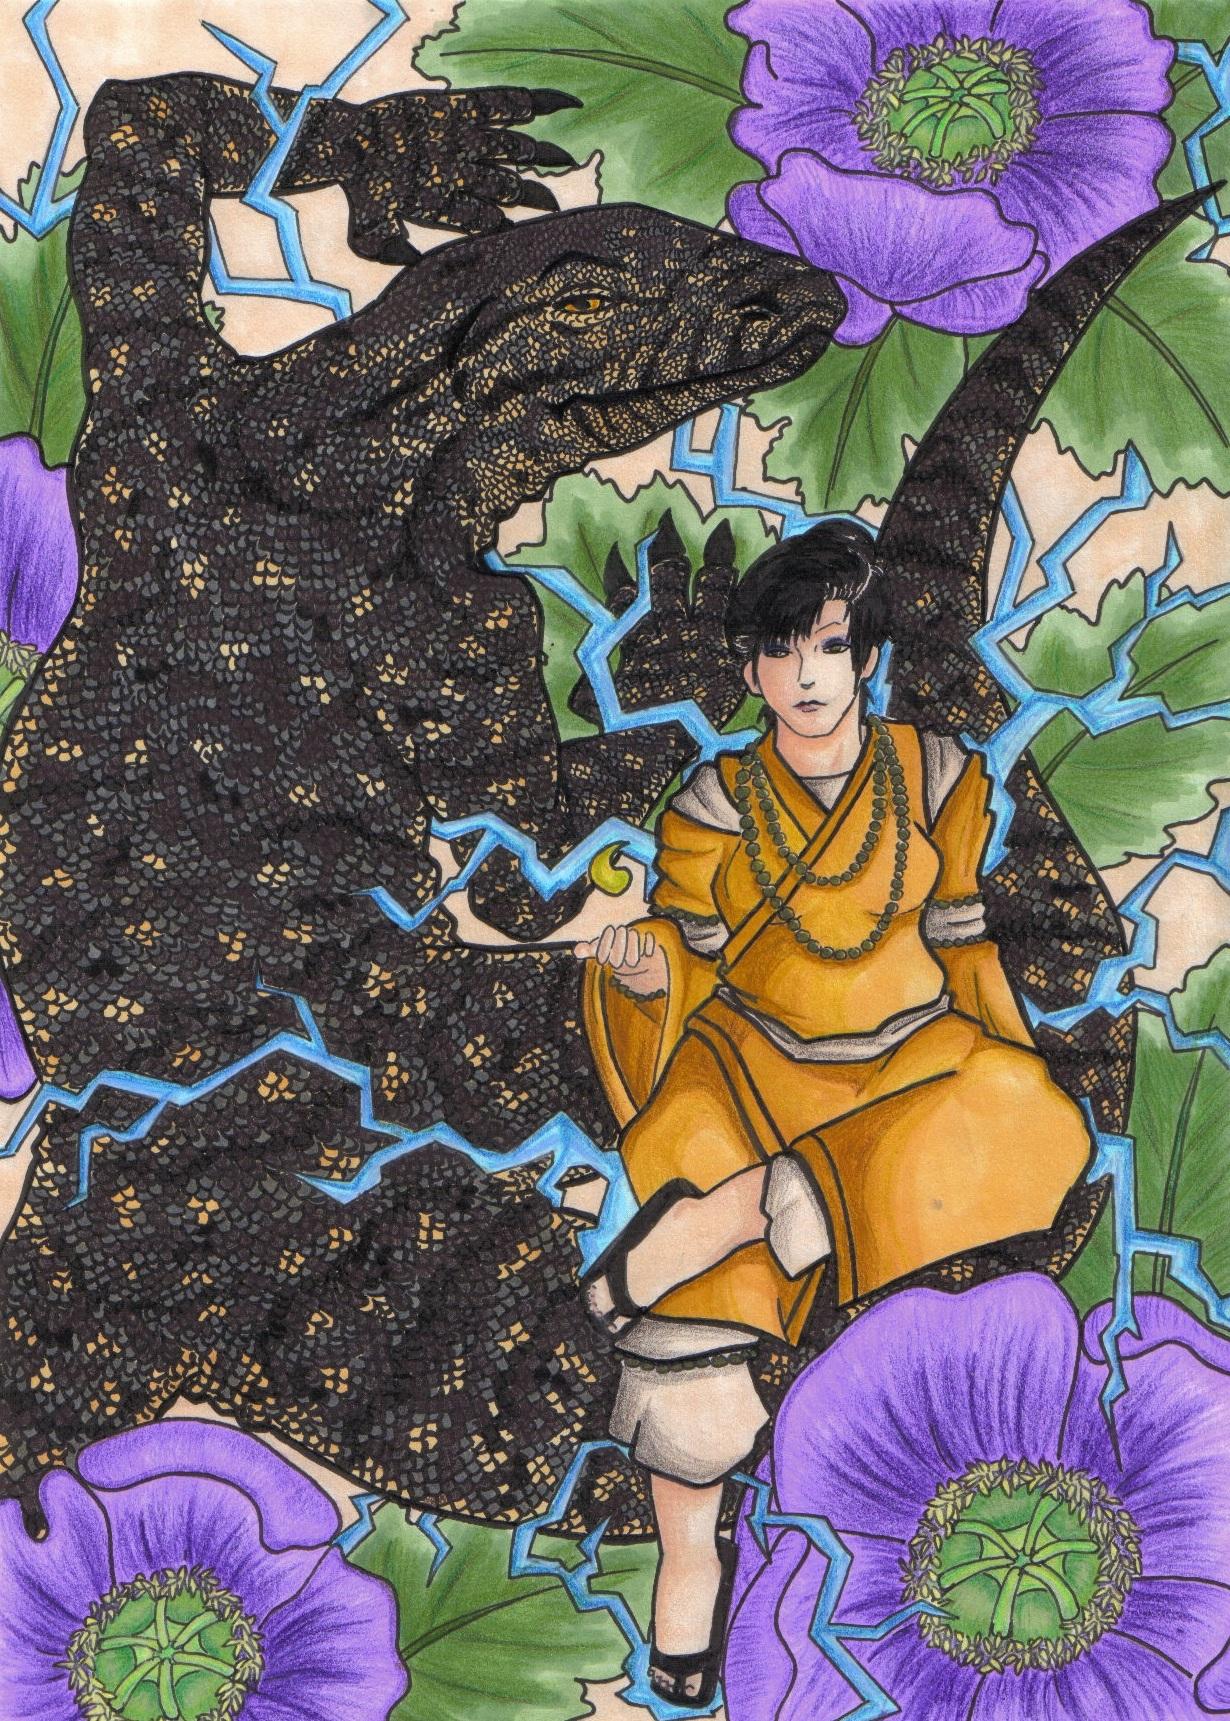 Izanami and Monitor Lizard